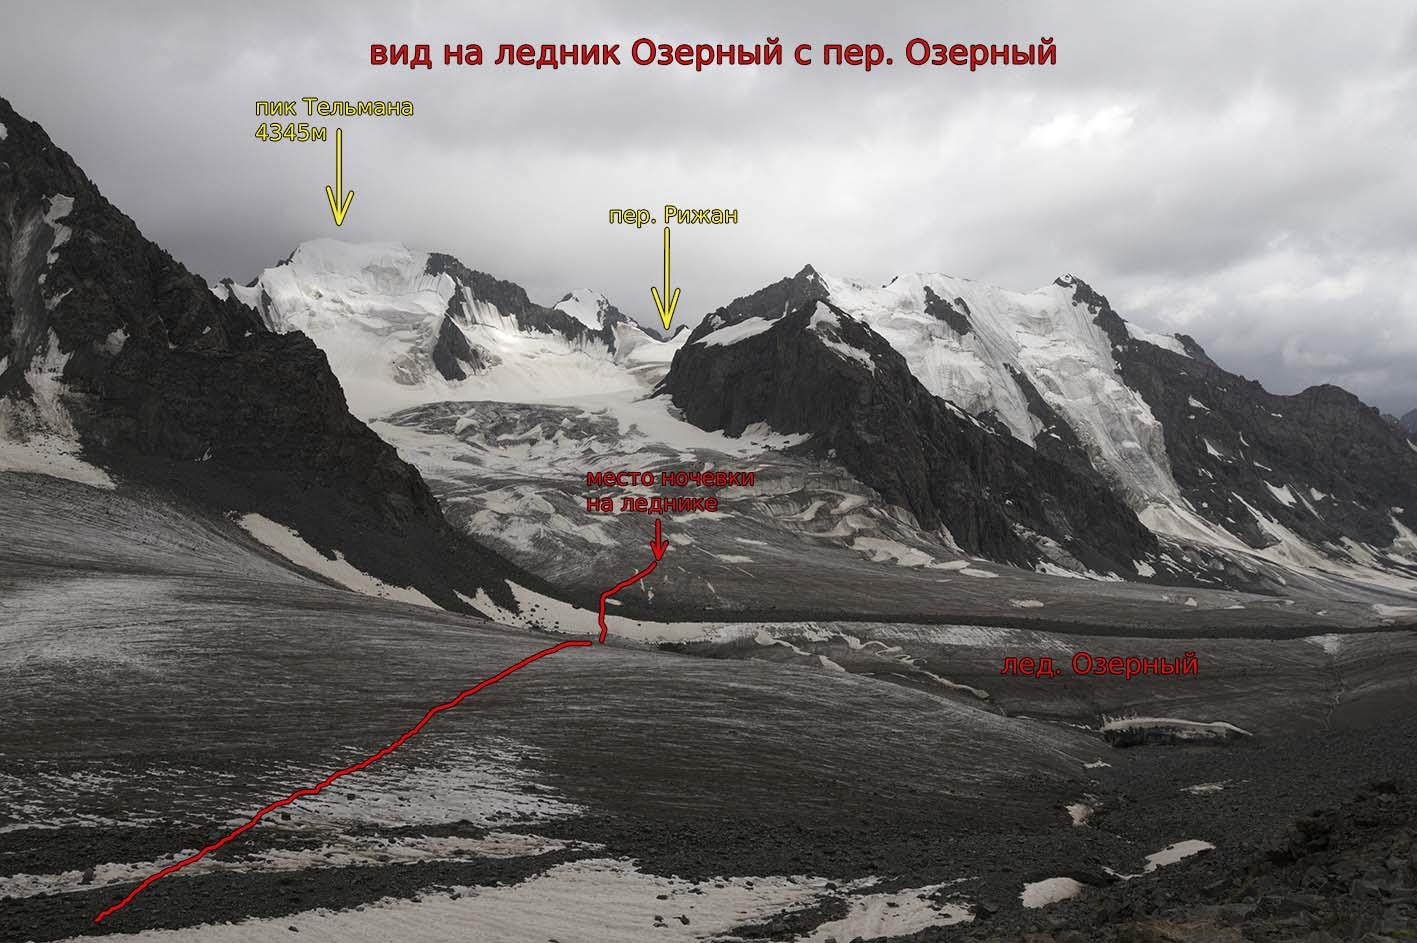 Пик Тельмана (4345 м) и пер. Рижан с пер. Озерный